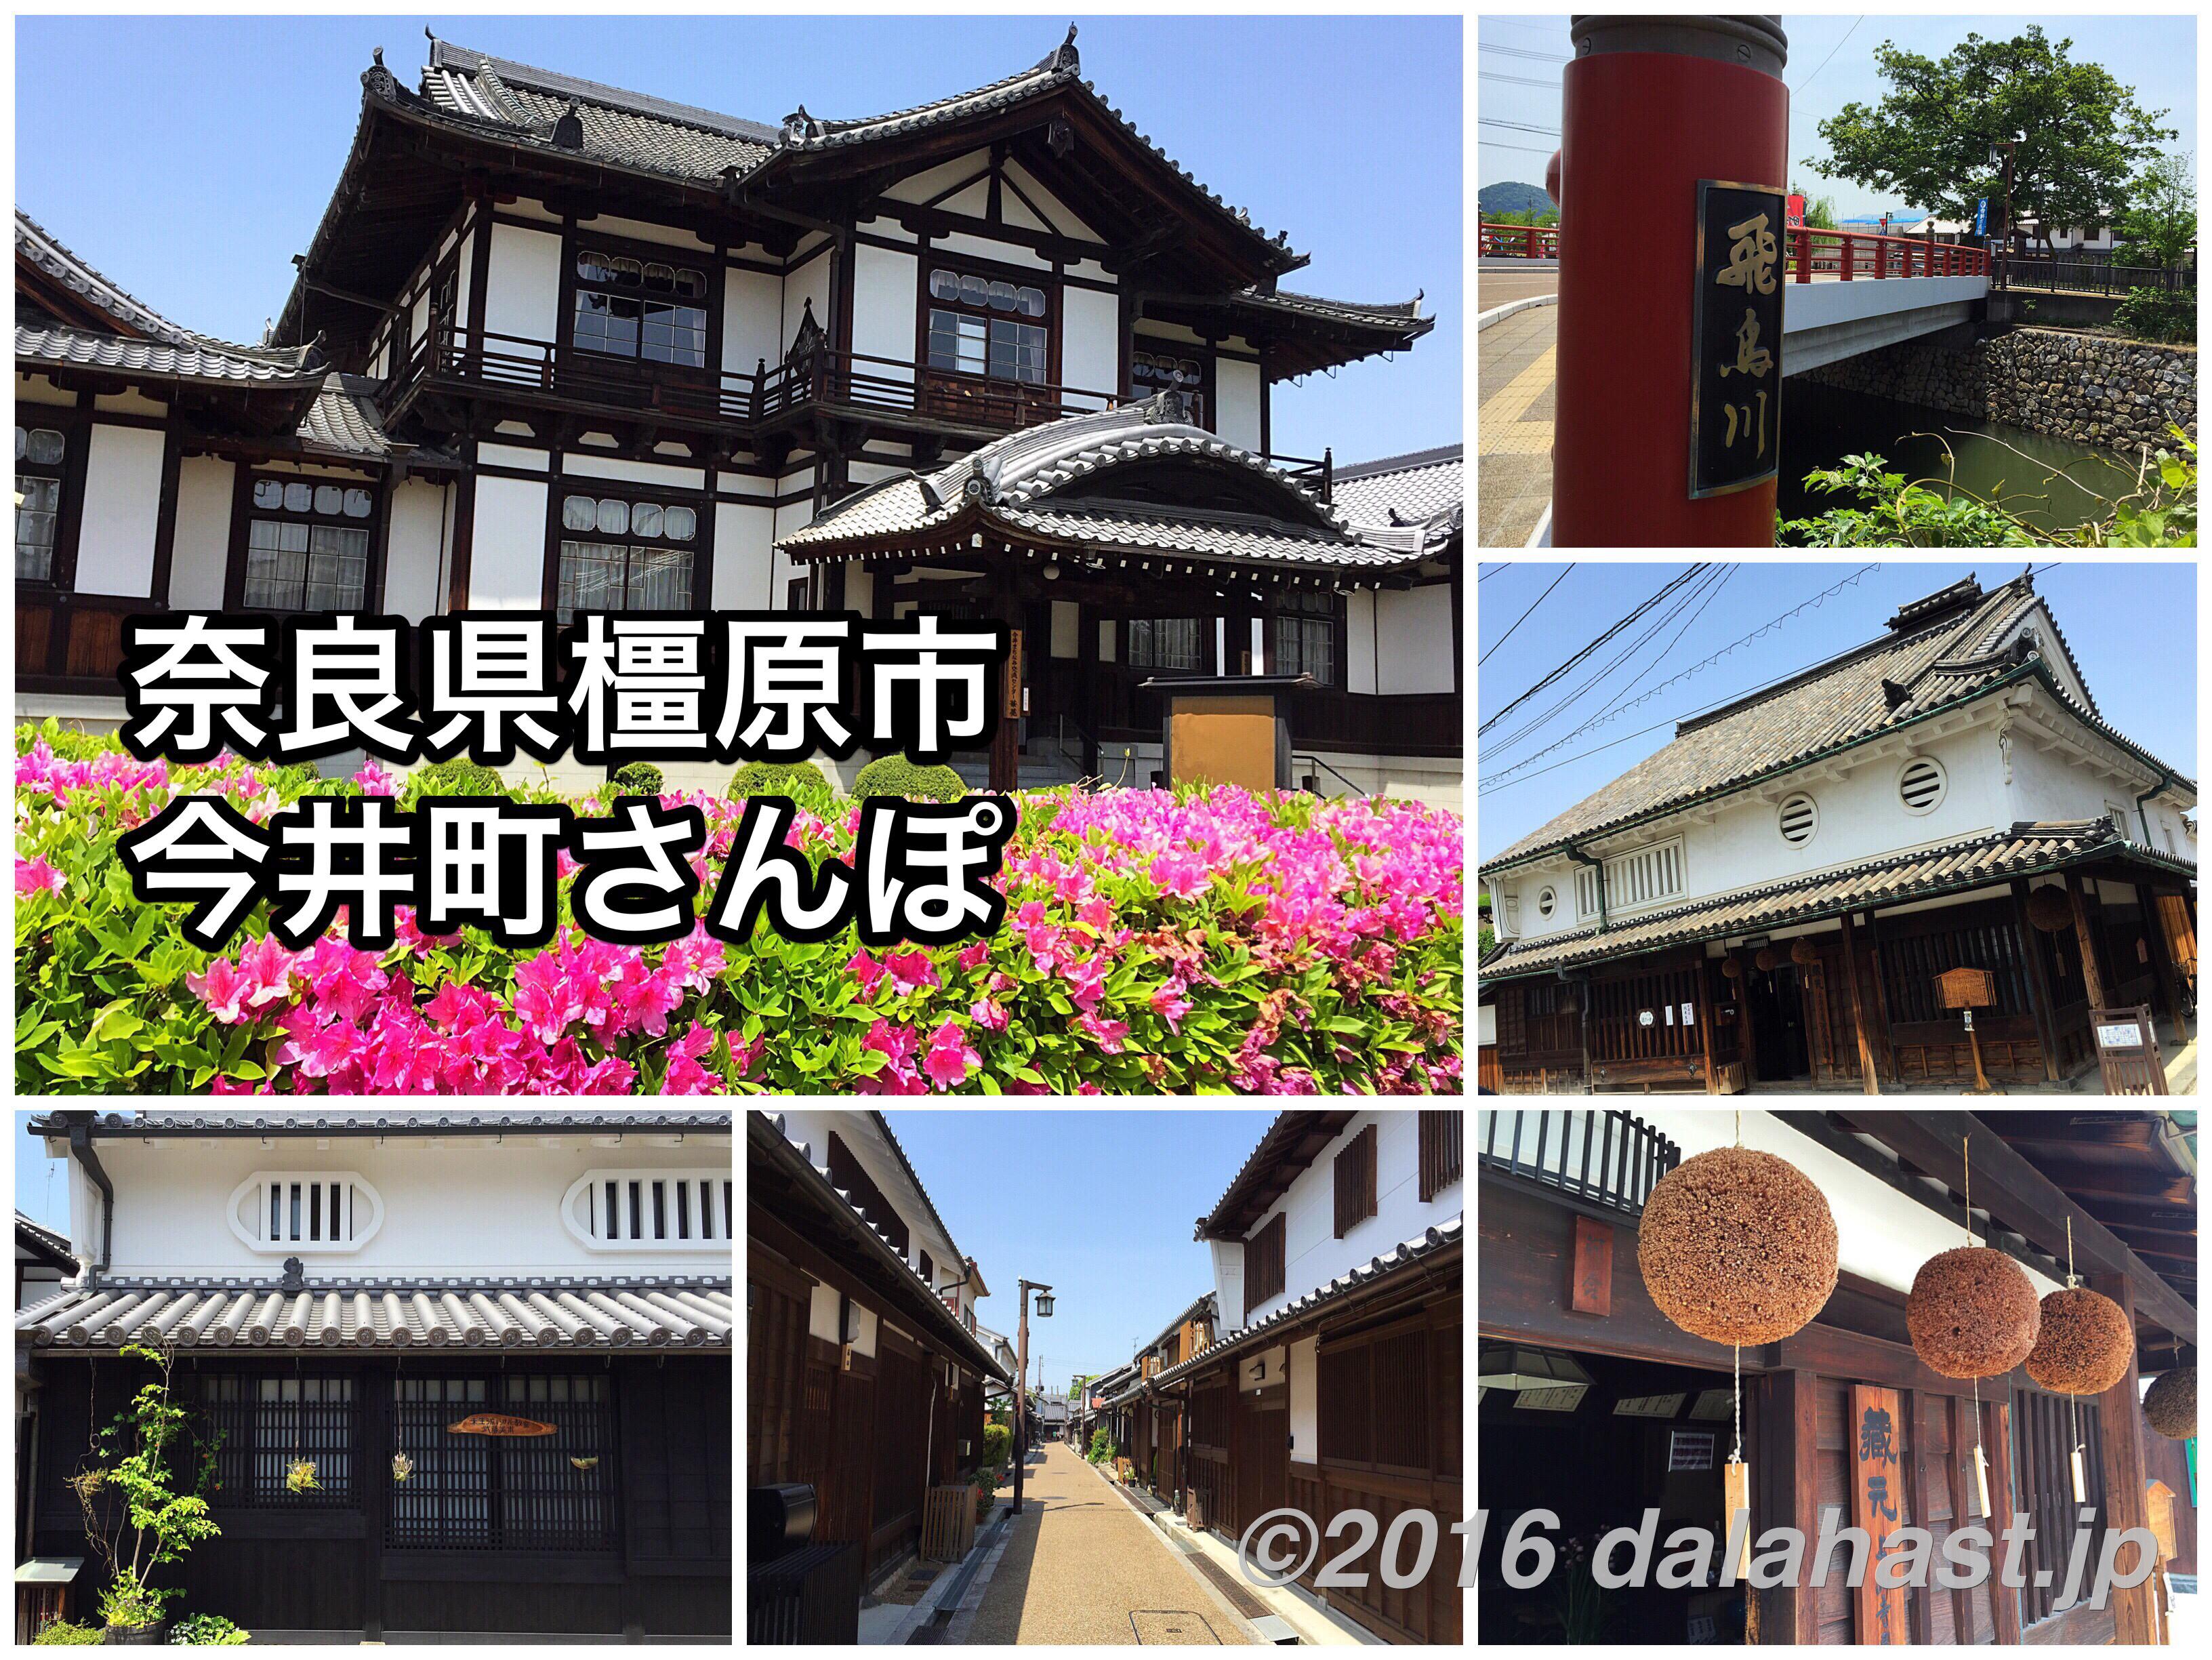 【奈良】フォトジェニックな今井町散歩~江戸時代の街並みを楽しむ